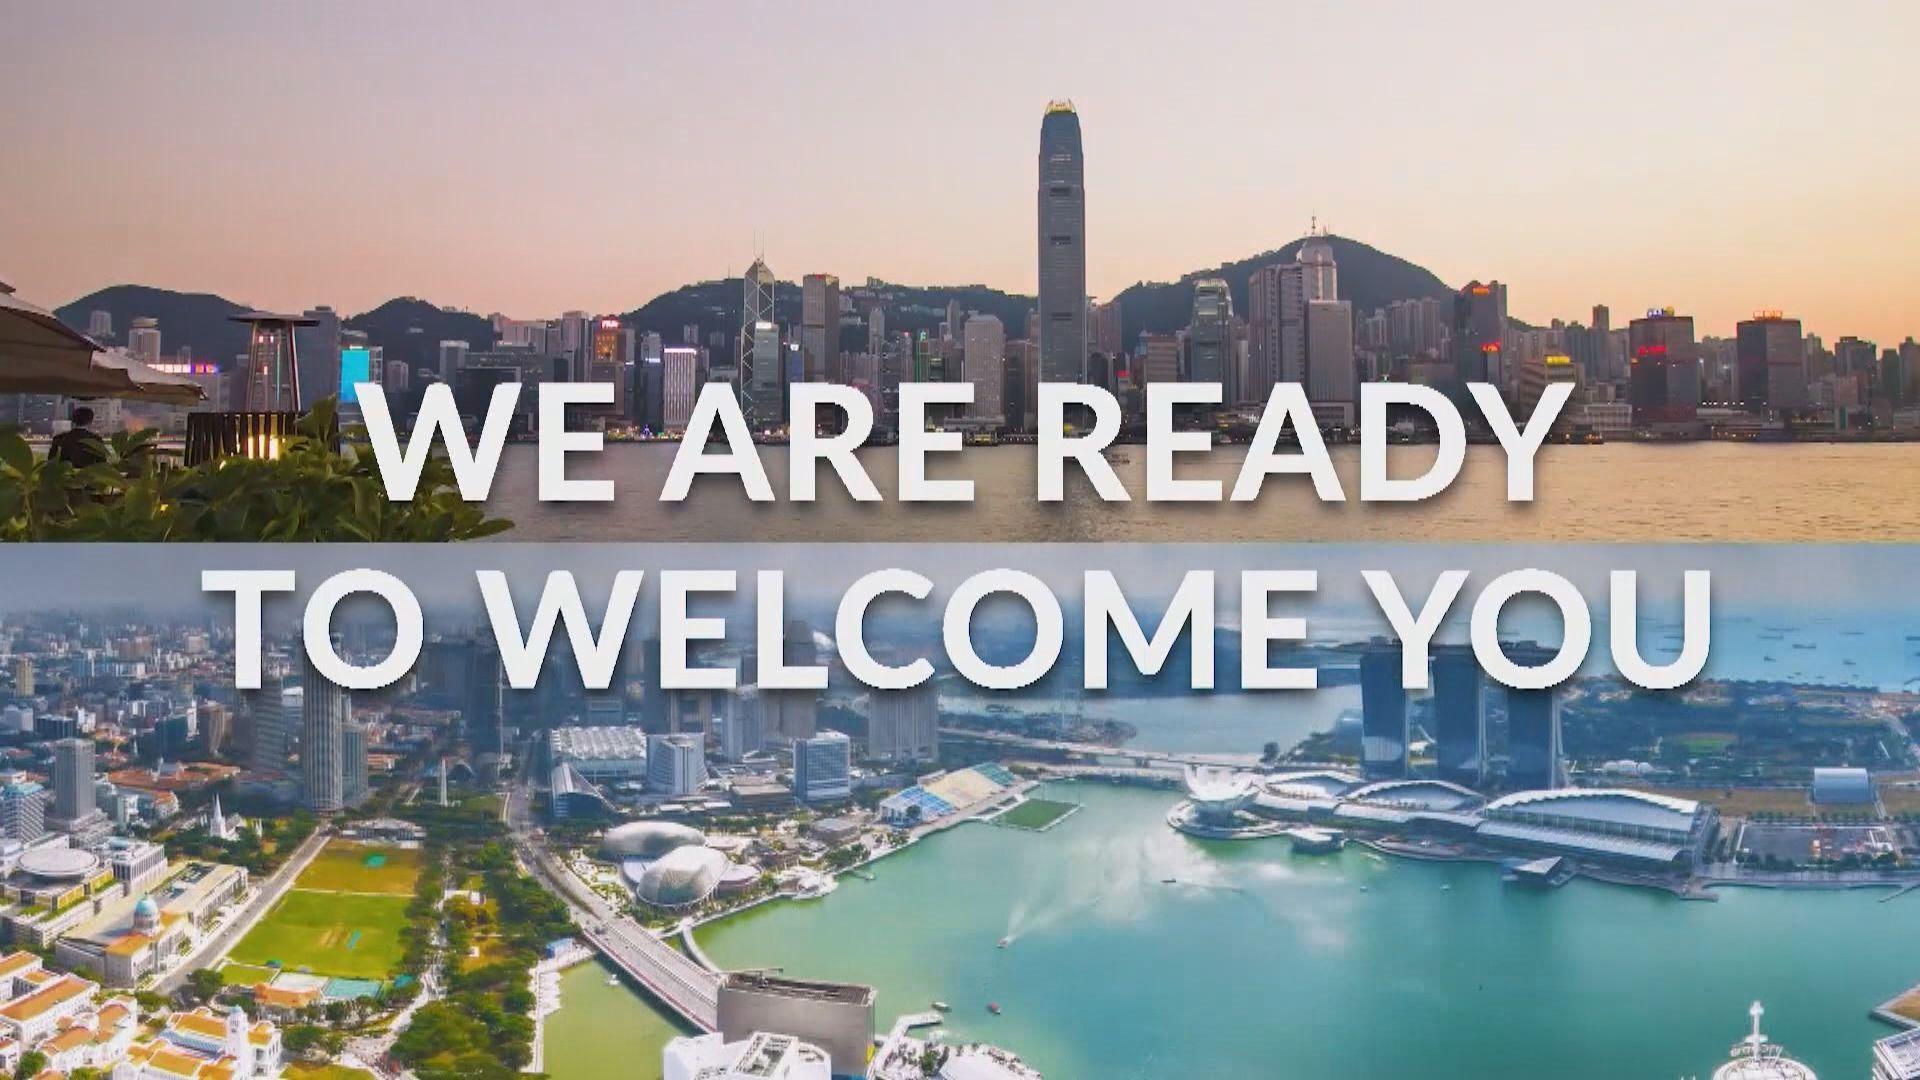 星港旅遊氣泡延遲兩周 邱騰華:希望減低對旅客影響